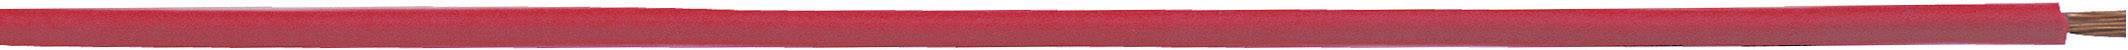 Opletenie / lanko LappKabel 4510061 H05V-K, 1 x 0.50 mm², vonkajší Ø 2.10 mm, 100 m, sivá